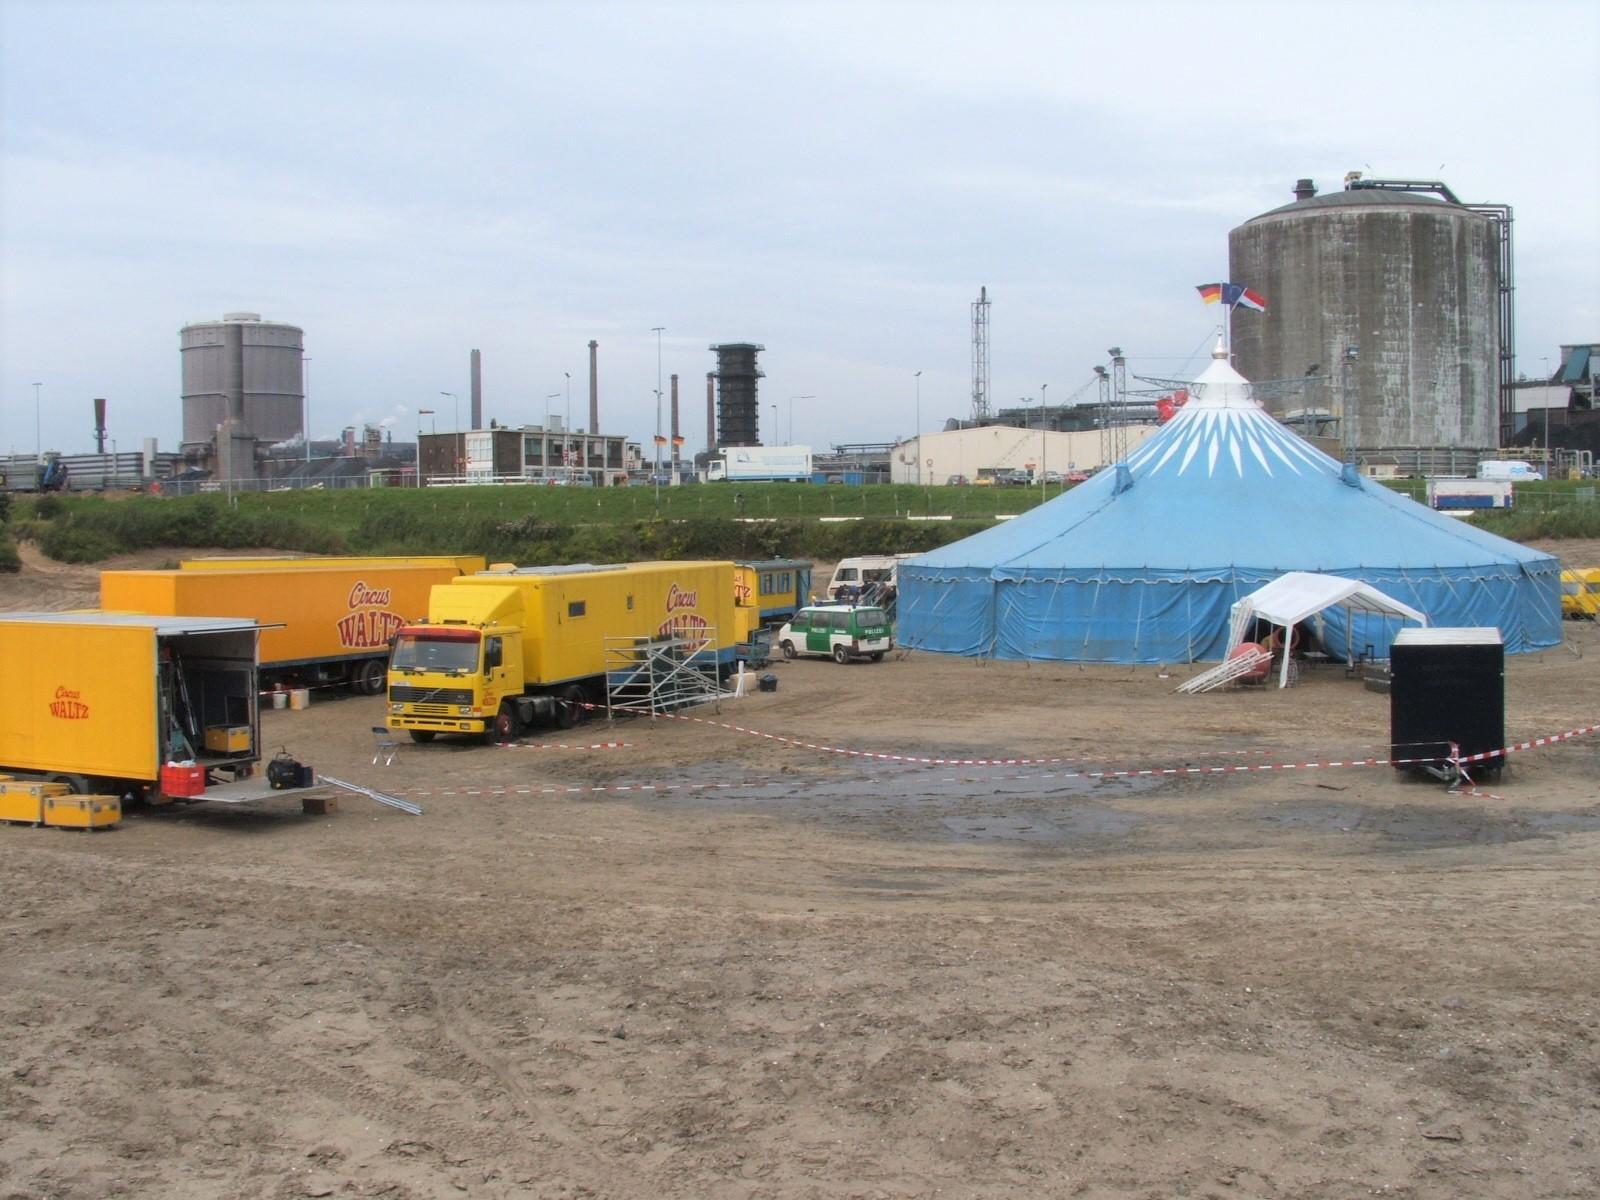 Velsen van Vroeger: Meeleven met een knokkend circus: makers televisieserie streken neer in crosskuil bij sluizencomplex